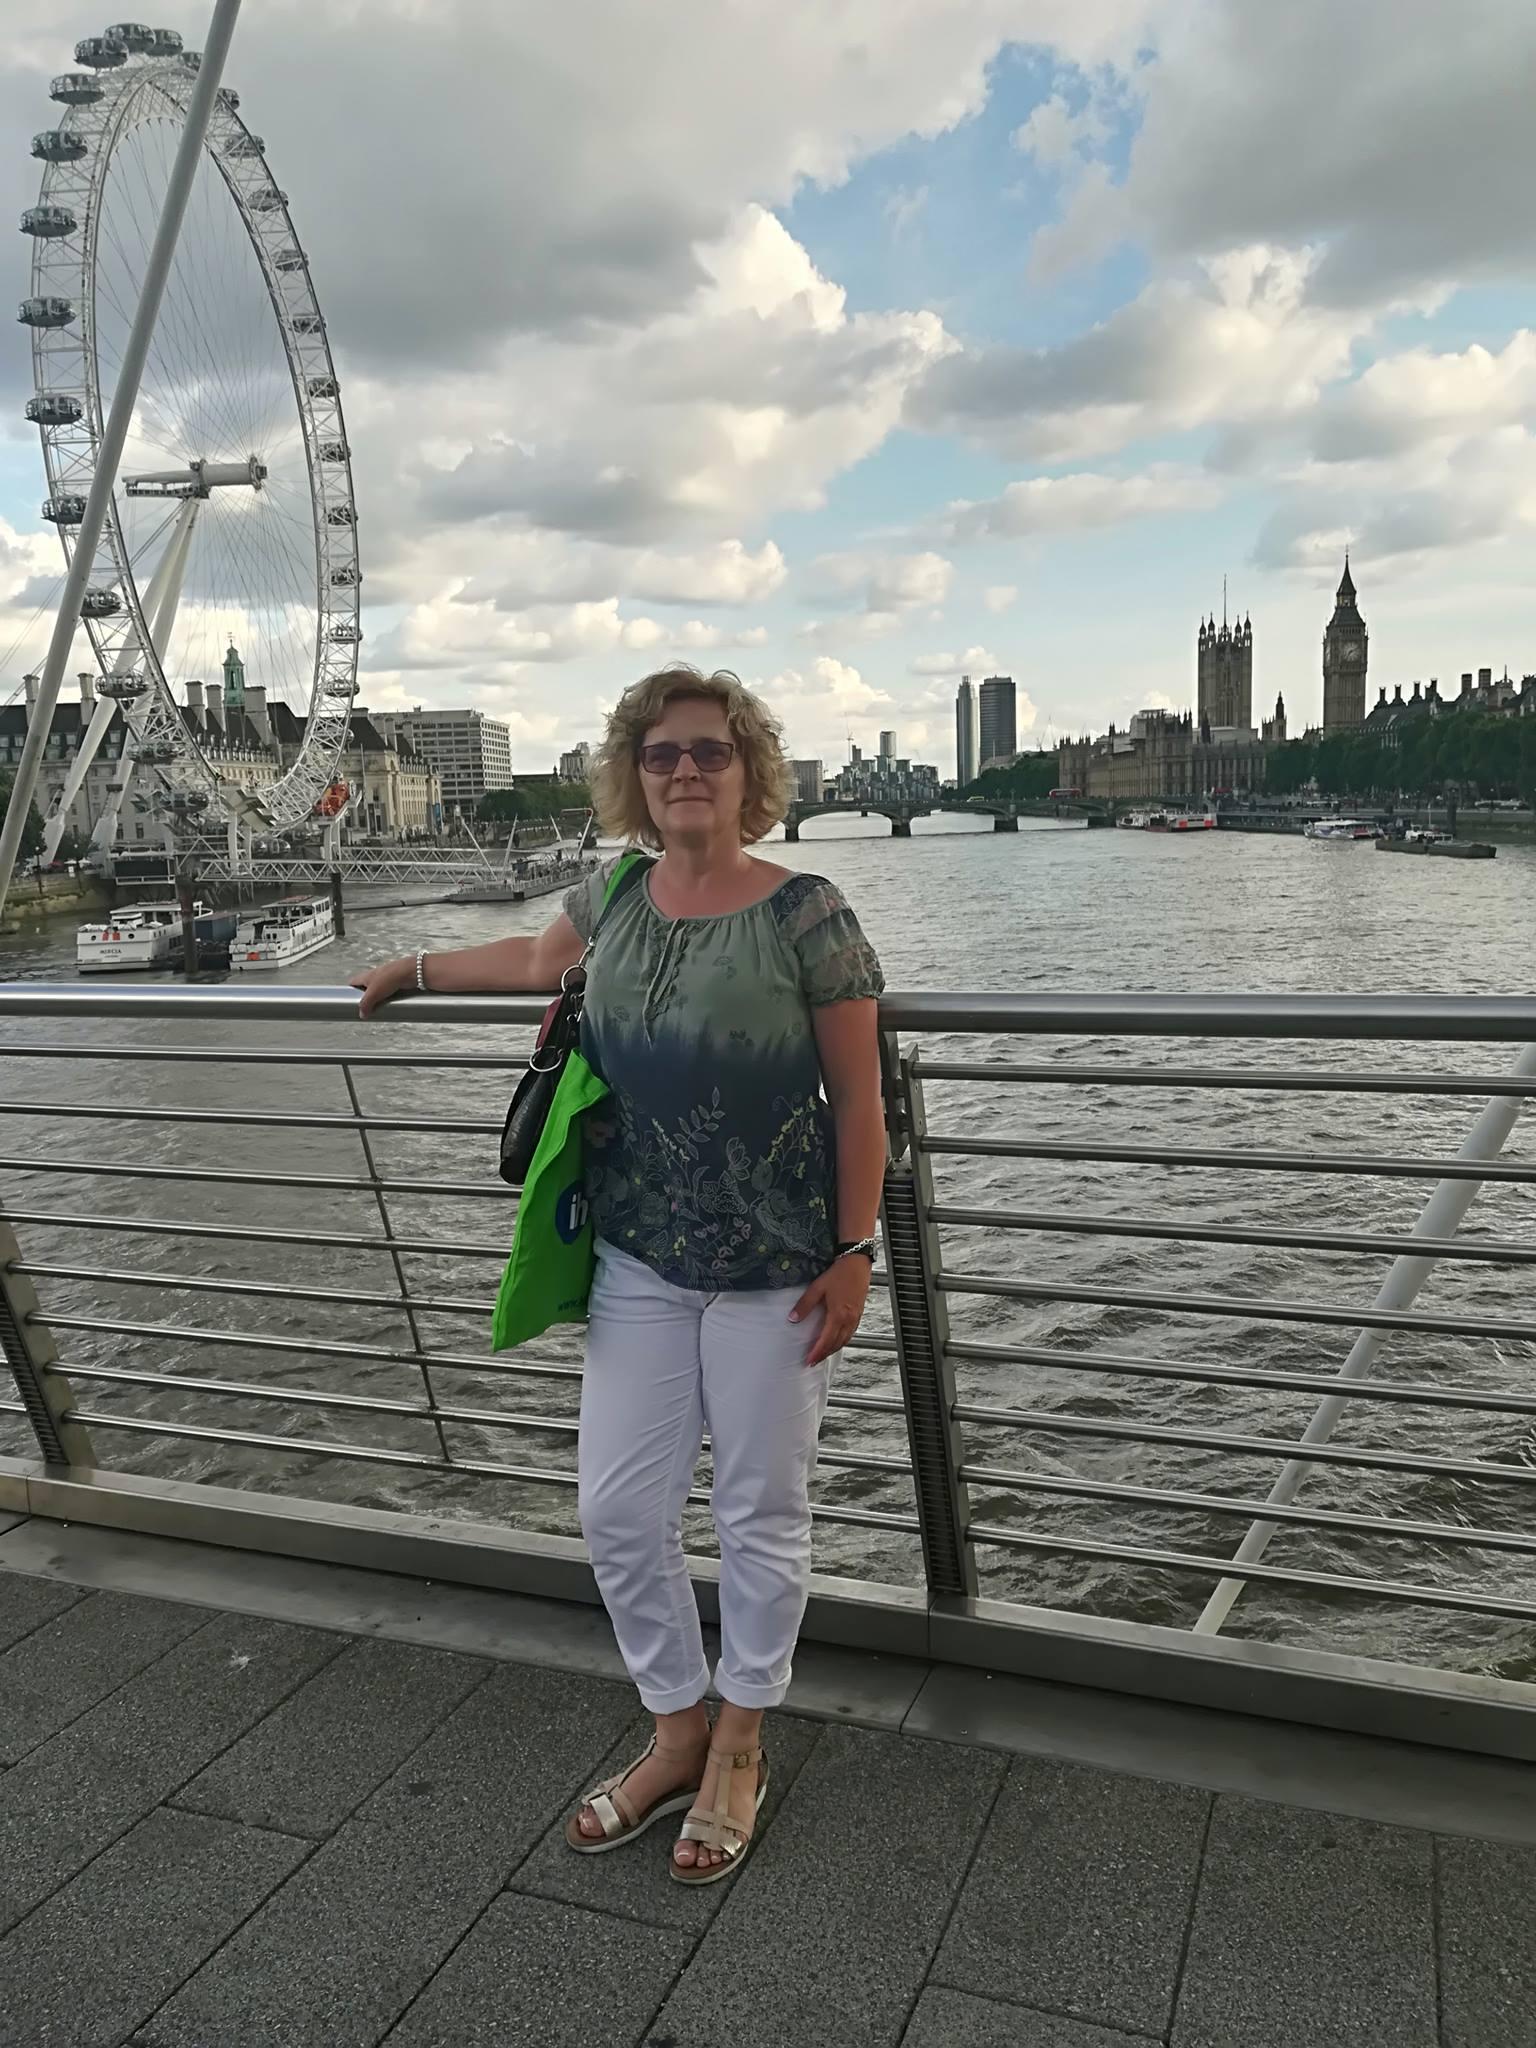 Madai Gabriella Londonban (a háttérben a London Eye és a Houses of Parliament)